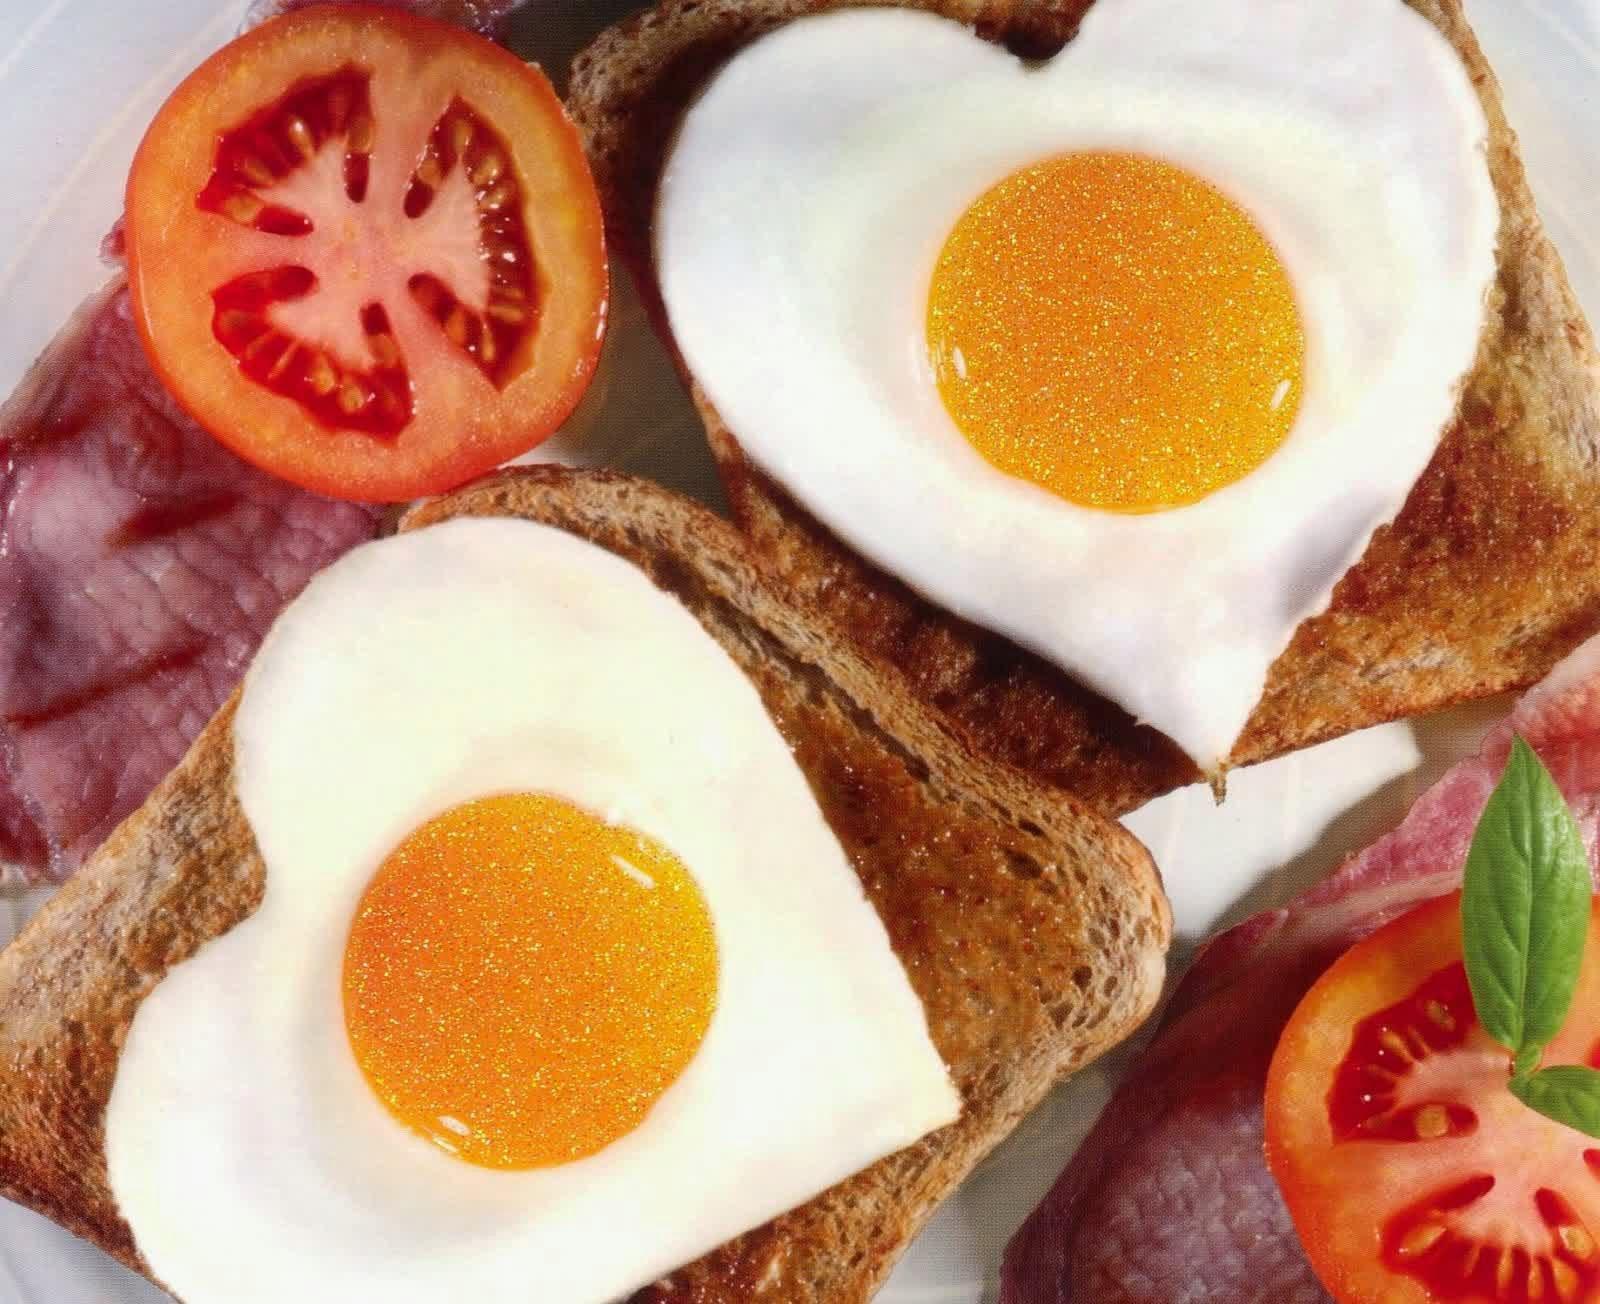 Resep Membuat Menu Sarapan Pagi Praktis Sehat Bergizi